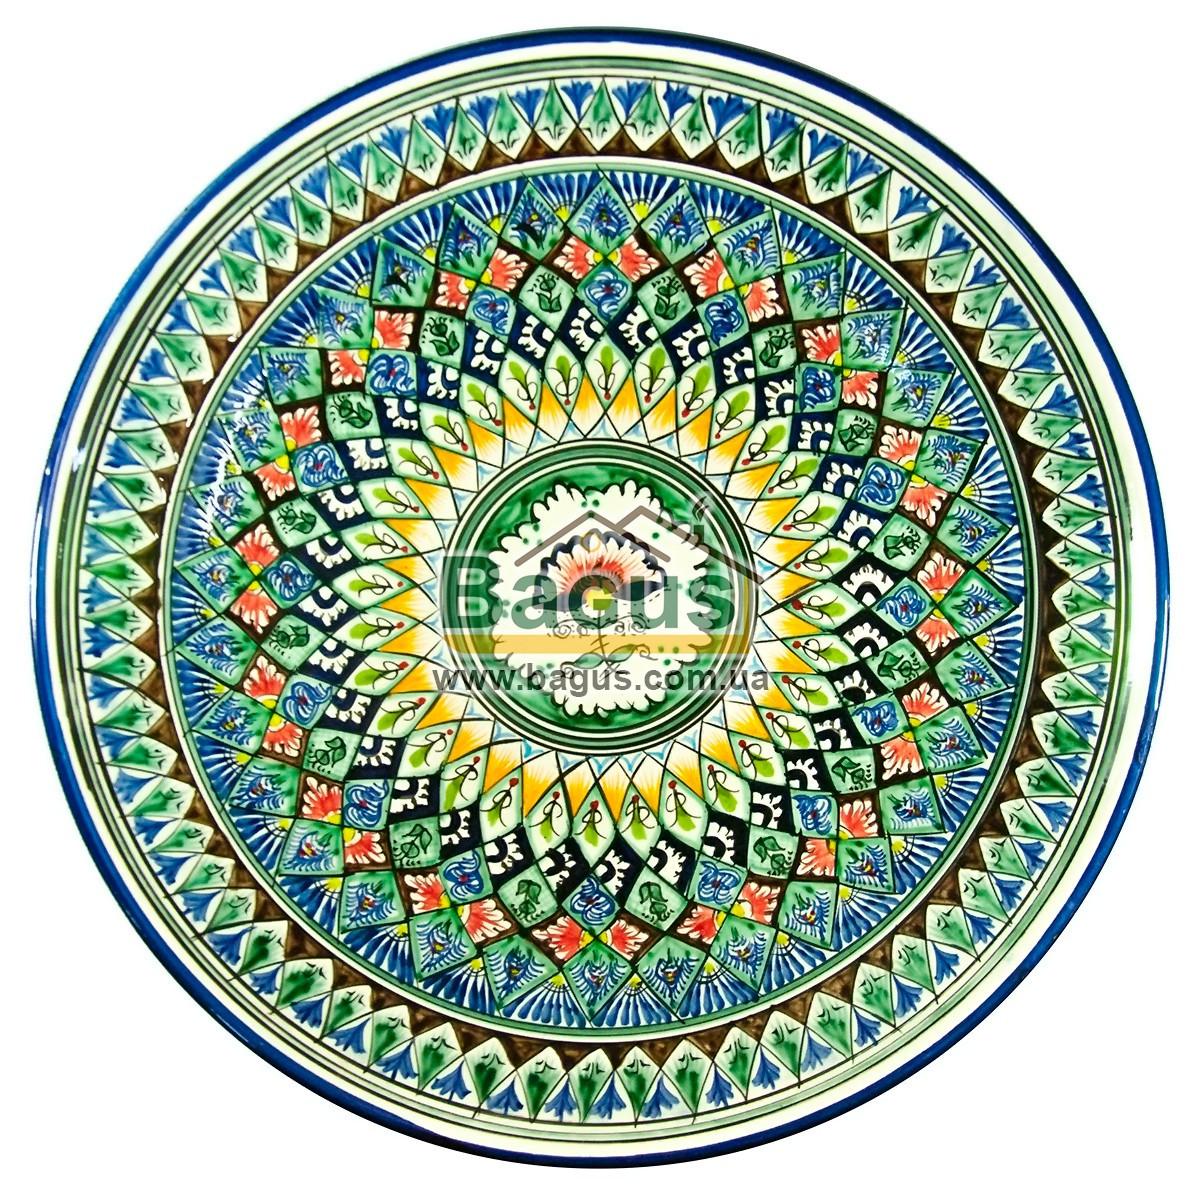 Ляган узбецький (тарілка узбецька) діаметр 42см ручна робота 4205-06